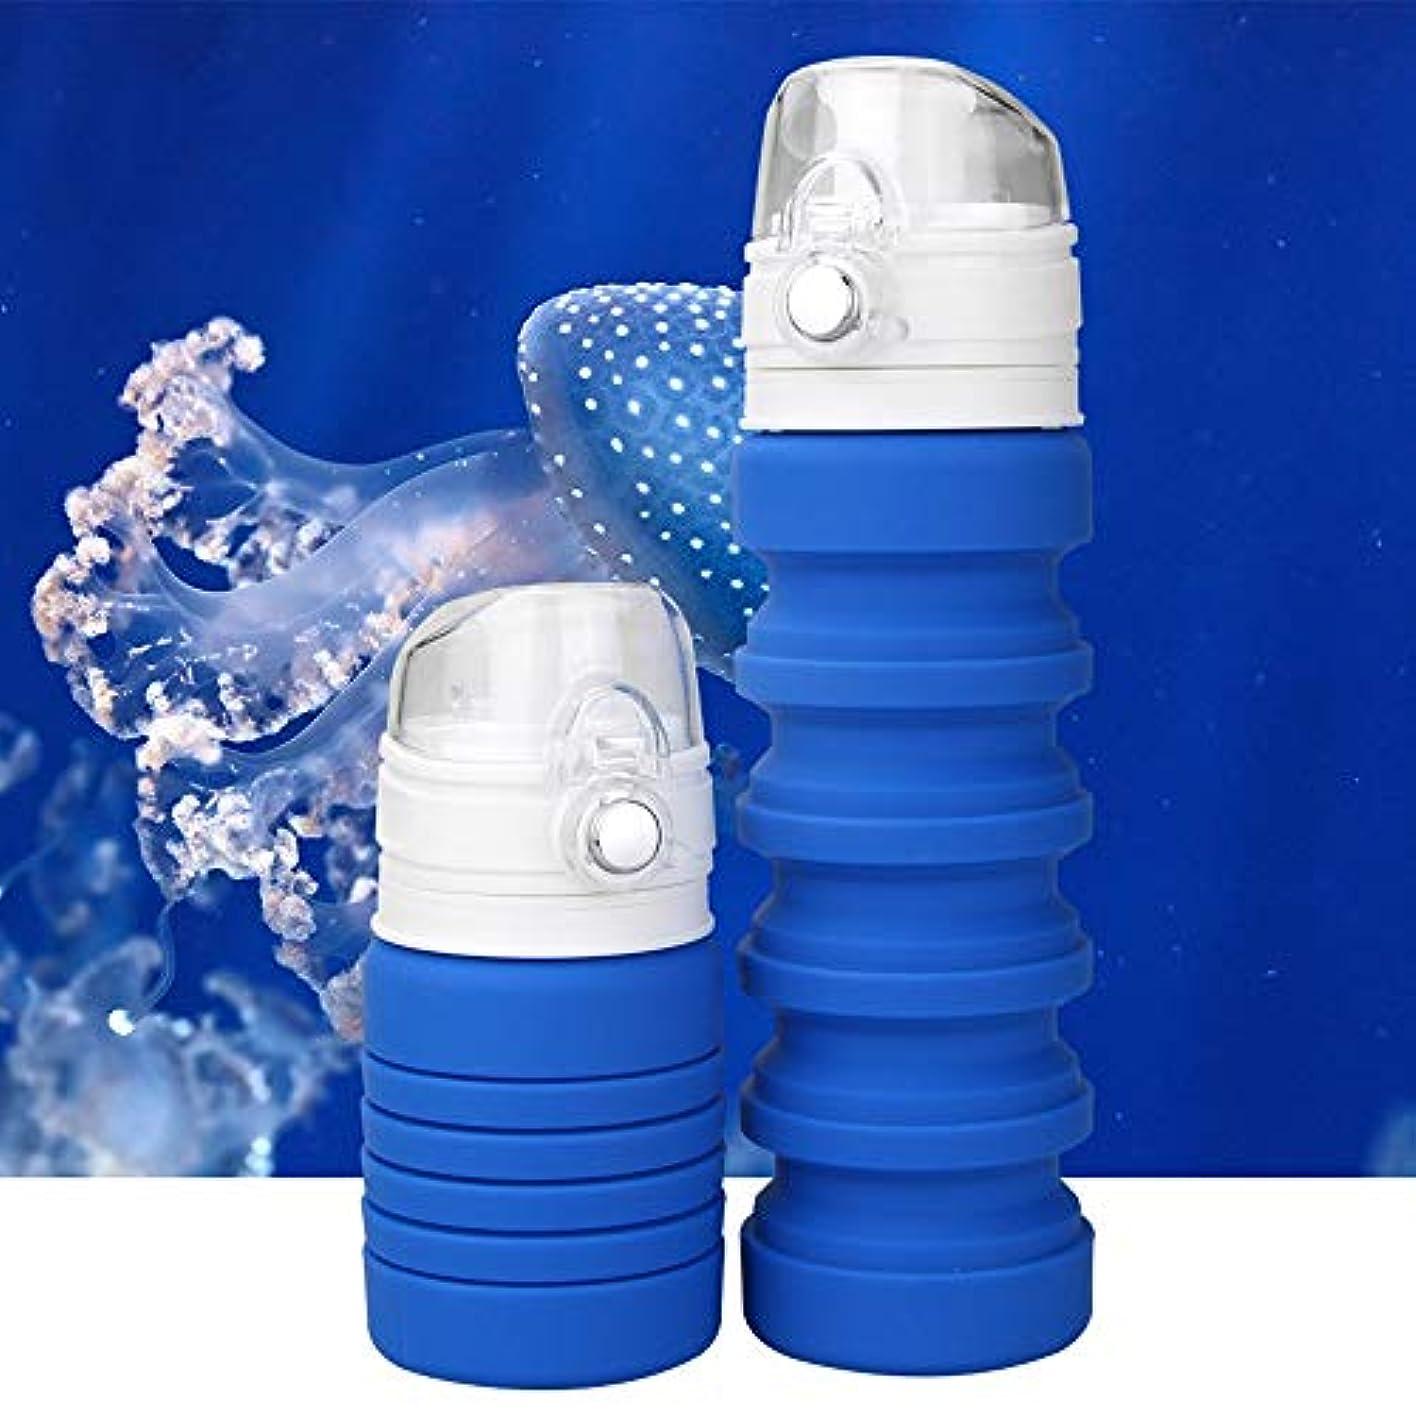 ブリッジ選ぶ接続詞旅行ポータブル折りたたみ多機能外スポーツボトルシリコンフォールドウォーターボトル伸縮カップ環境に優しいウォーターカップ (色 : 青)